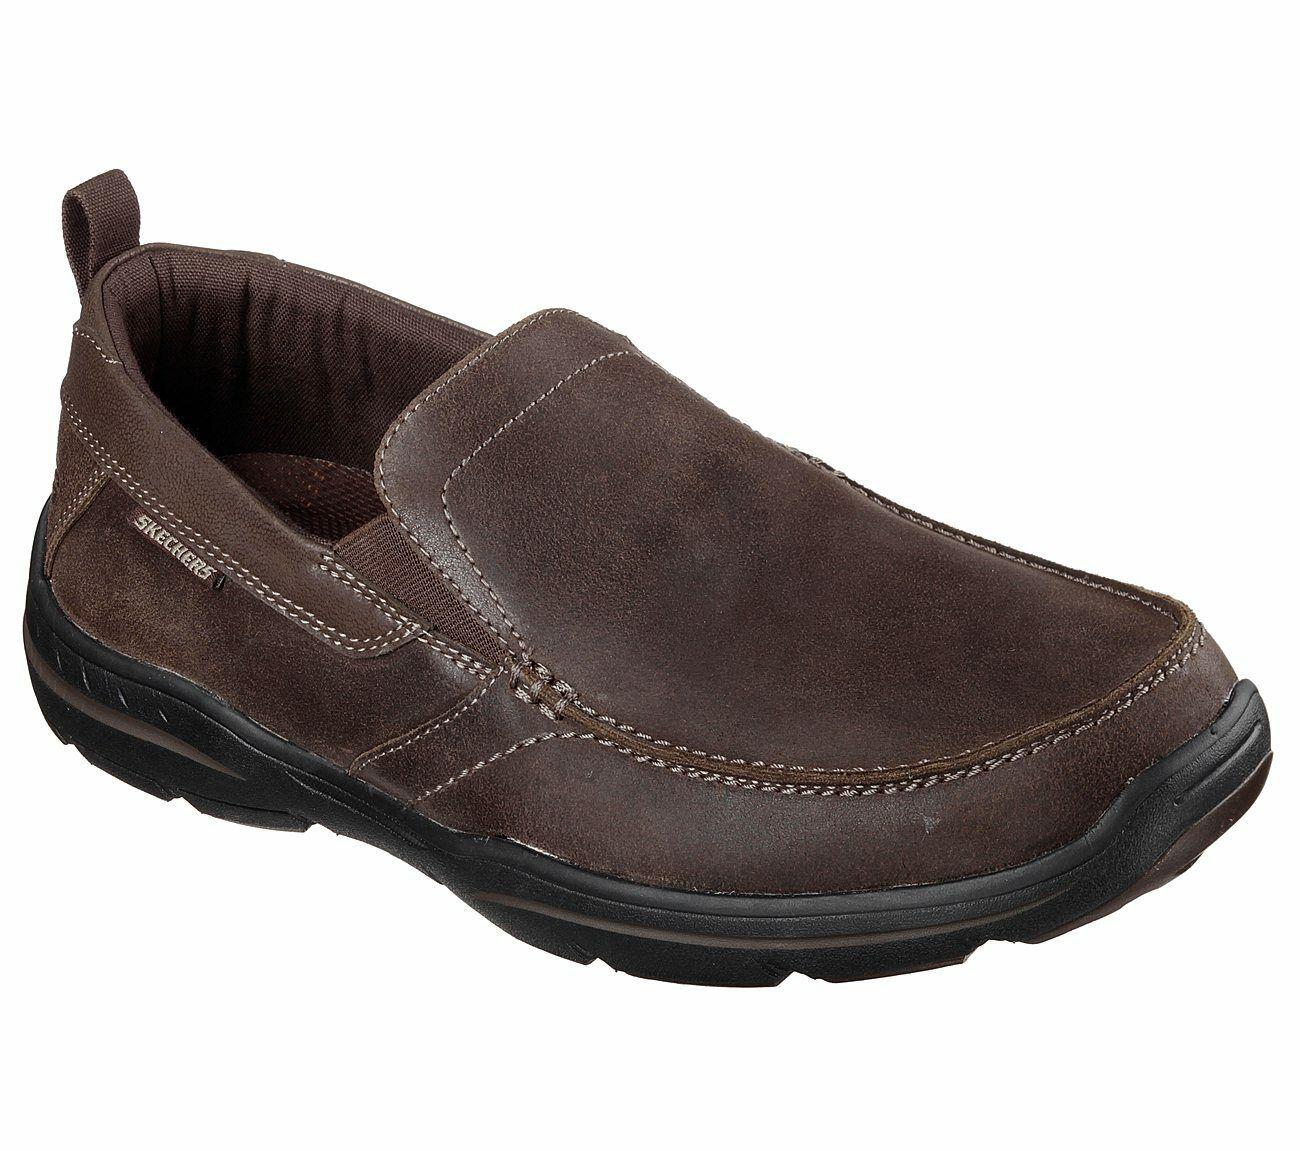 Skechers Men's Relaxed Fit  Harper Forde Leather Loafer shoes. 64858 DKBR